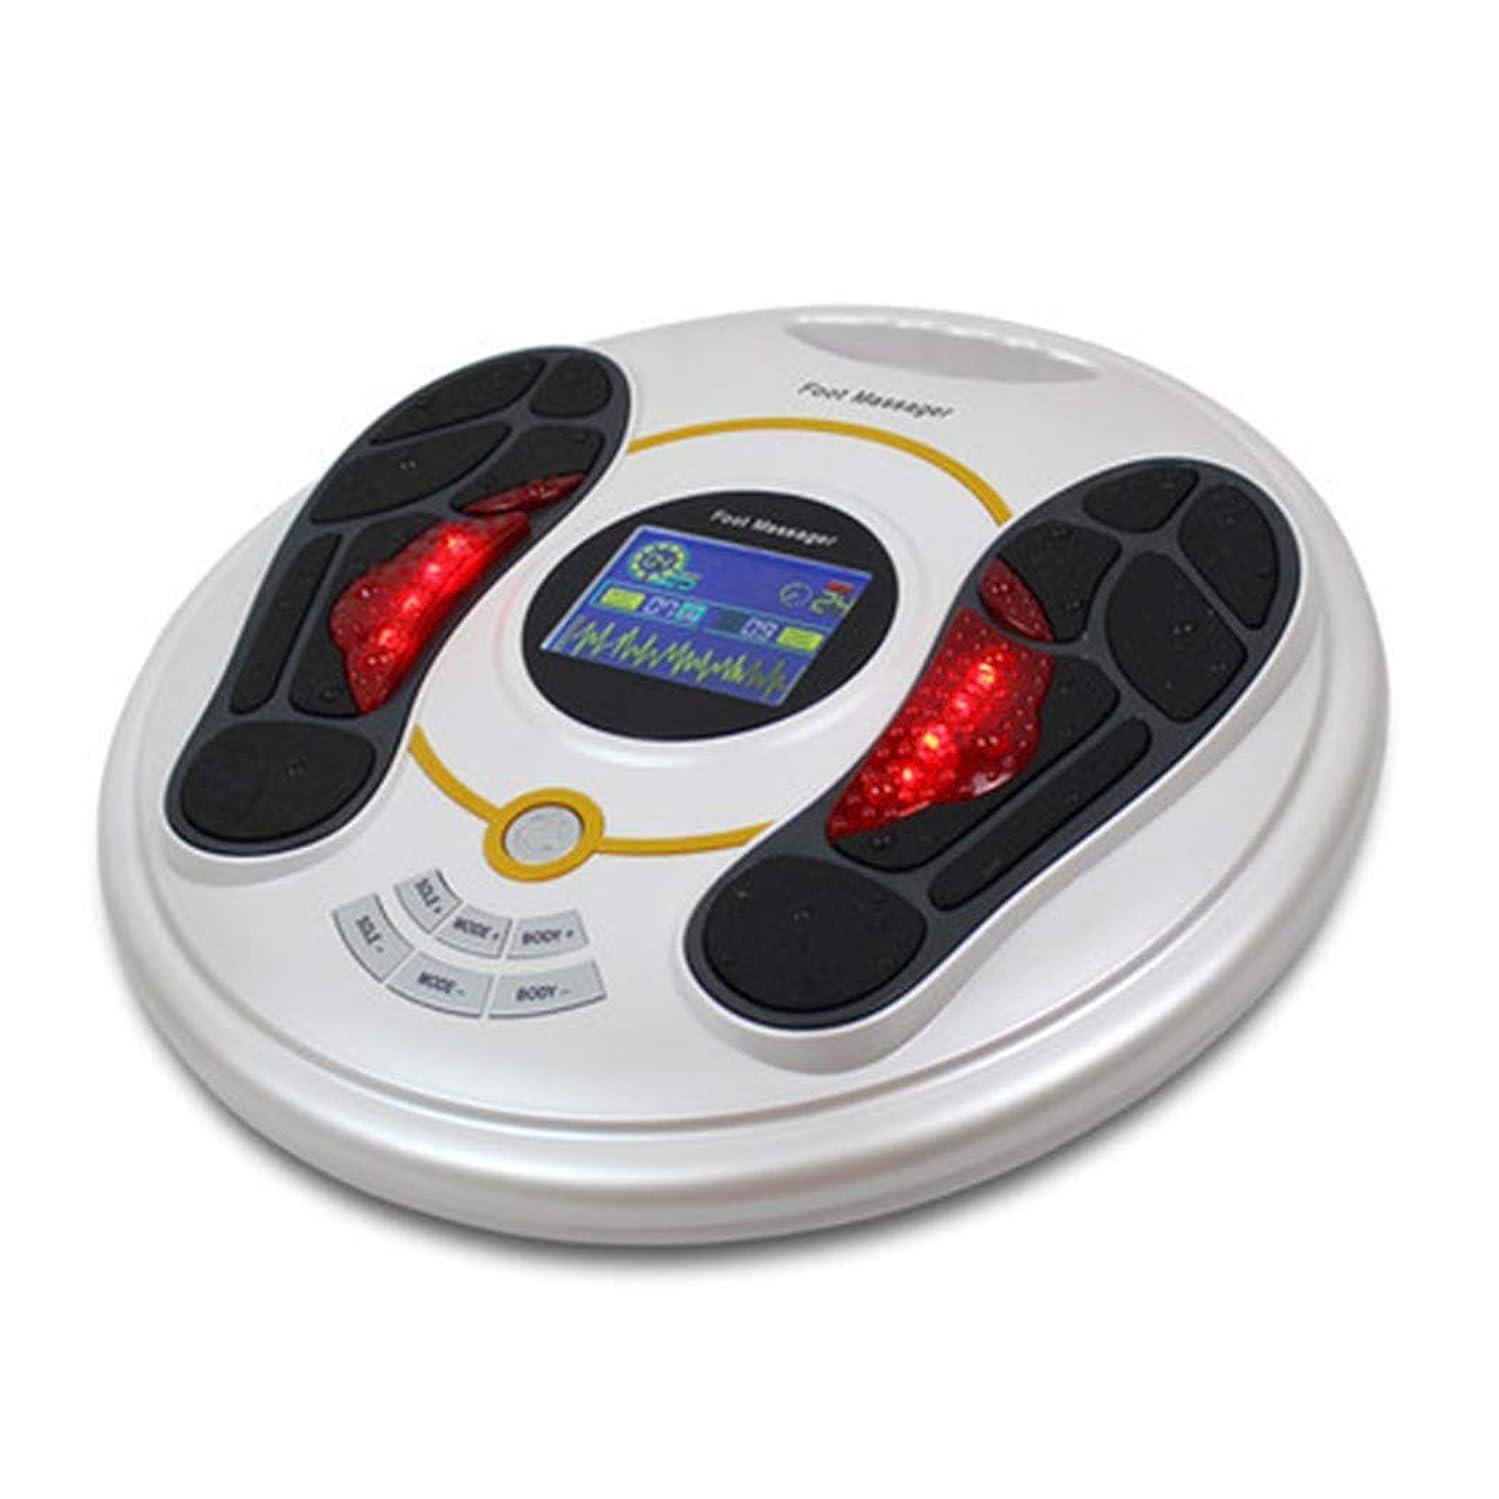 強制的苦しむラッドヤードキップリング血液循環を促進リモートコントロールフットマッサージャー指圧マシン電動足マッサージャースパ、熱、ディープニーディング機能ホームオフィスでの使用のための足のストレス緩和インテリジェント、ホワイト